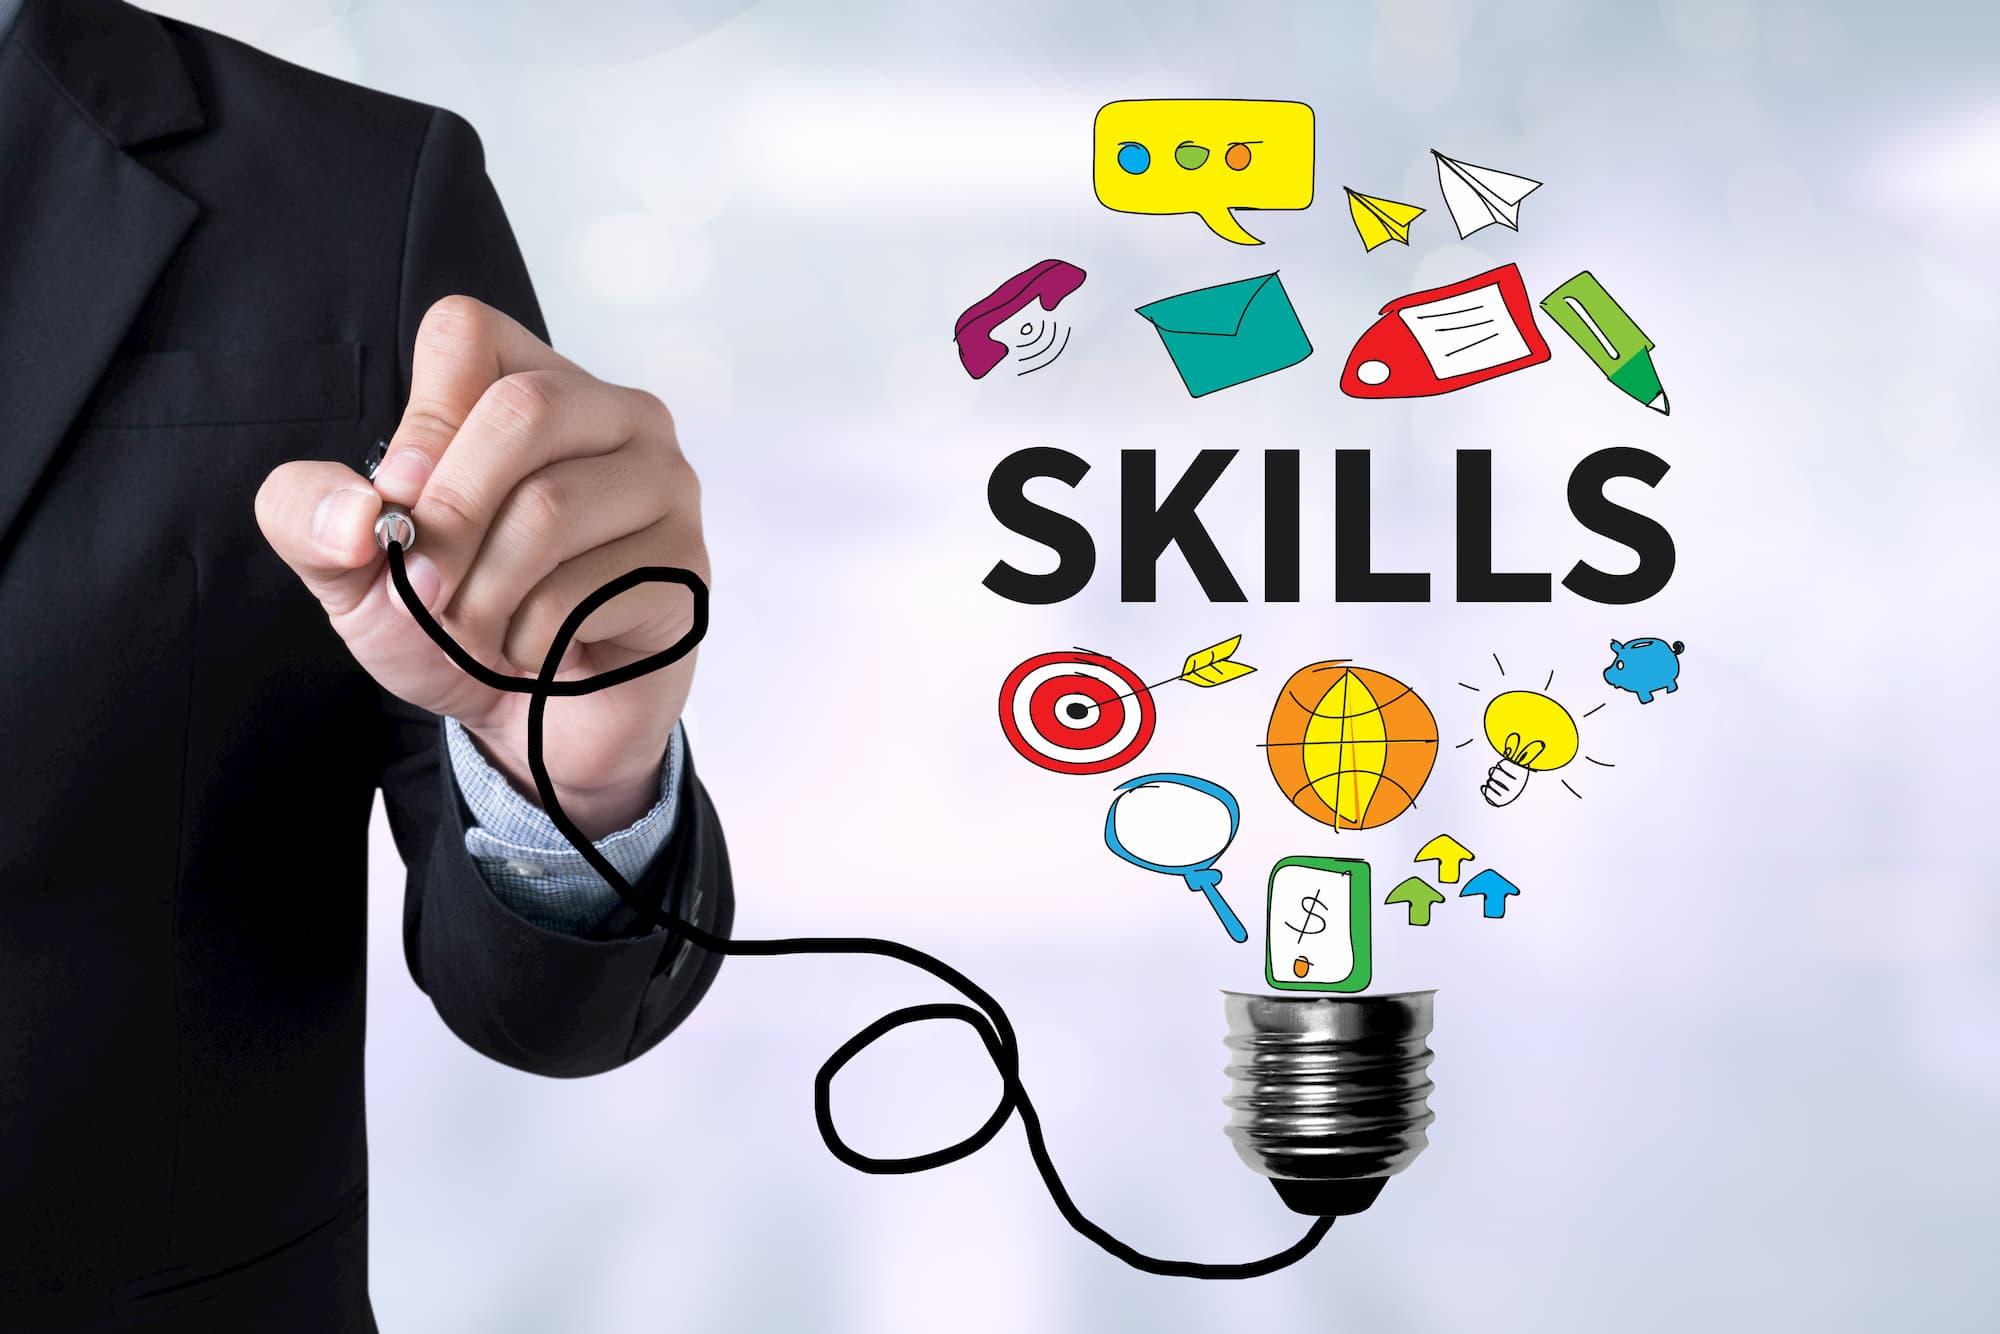 10 ทักษะอนาคต ที่ต้องฝึกฝน ถ้าอยากมีงานทำ